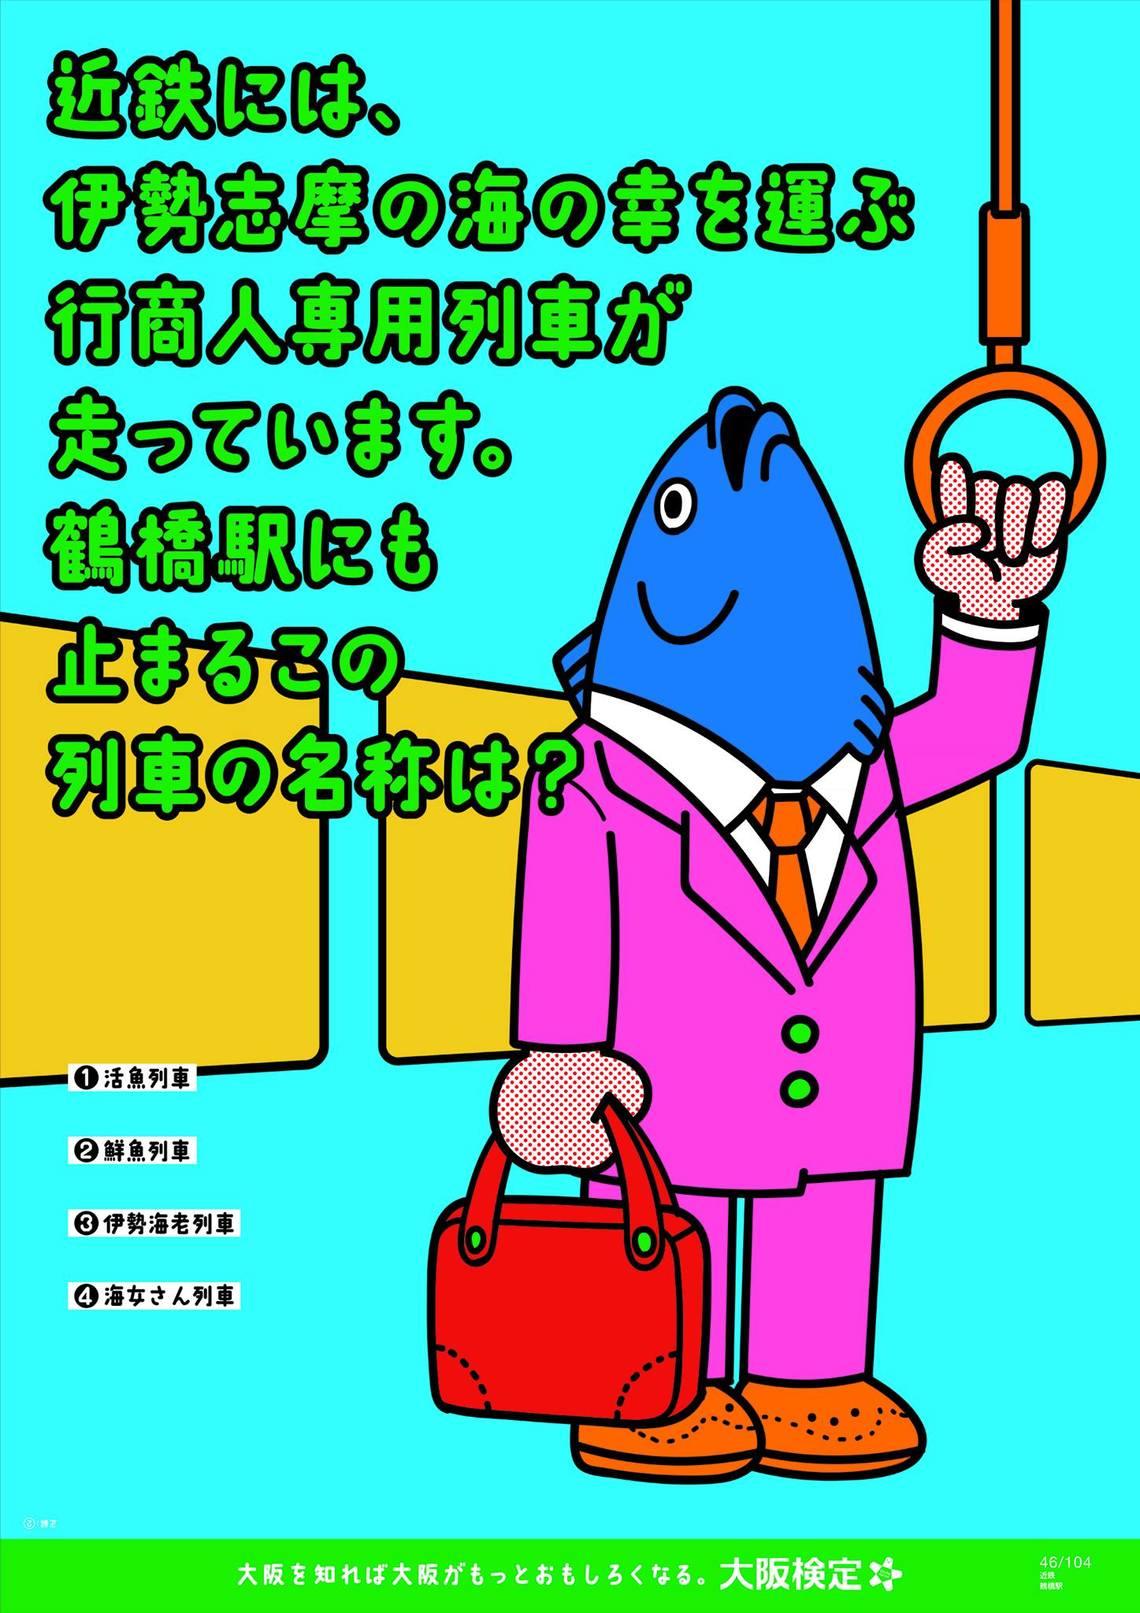 近鉄には、伊勢志摩の海の幸を運ぶ行商人専用列車が走っています。鶴橋駅にも止まるこの列車の名称は?